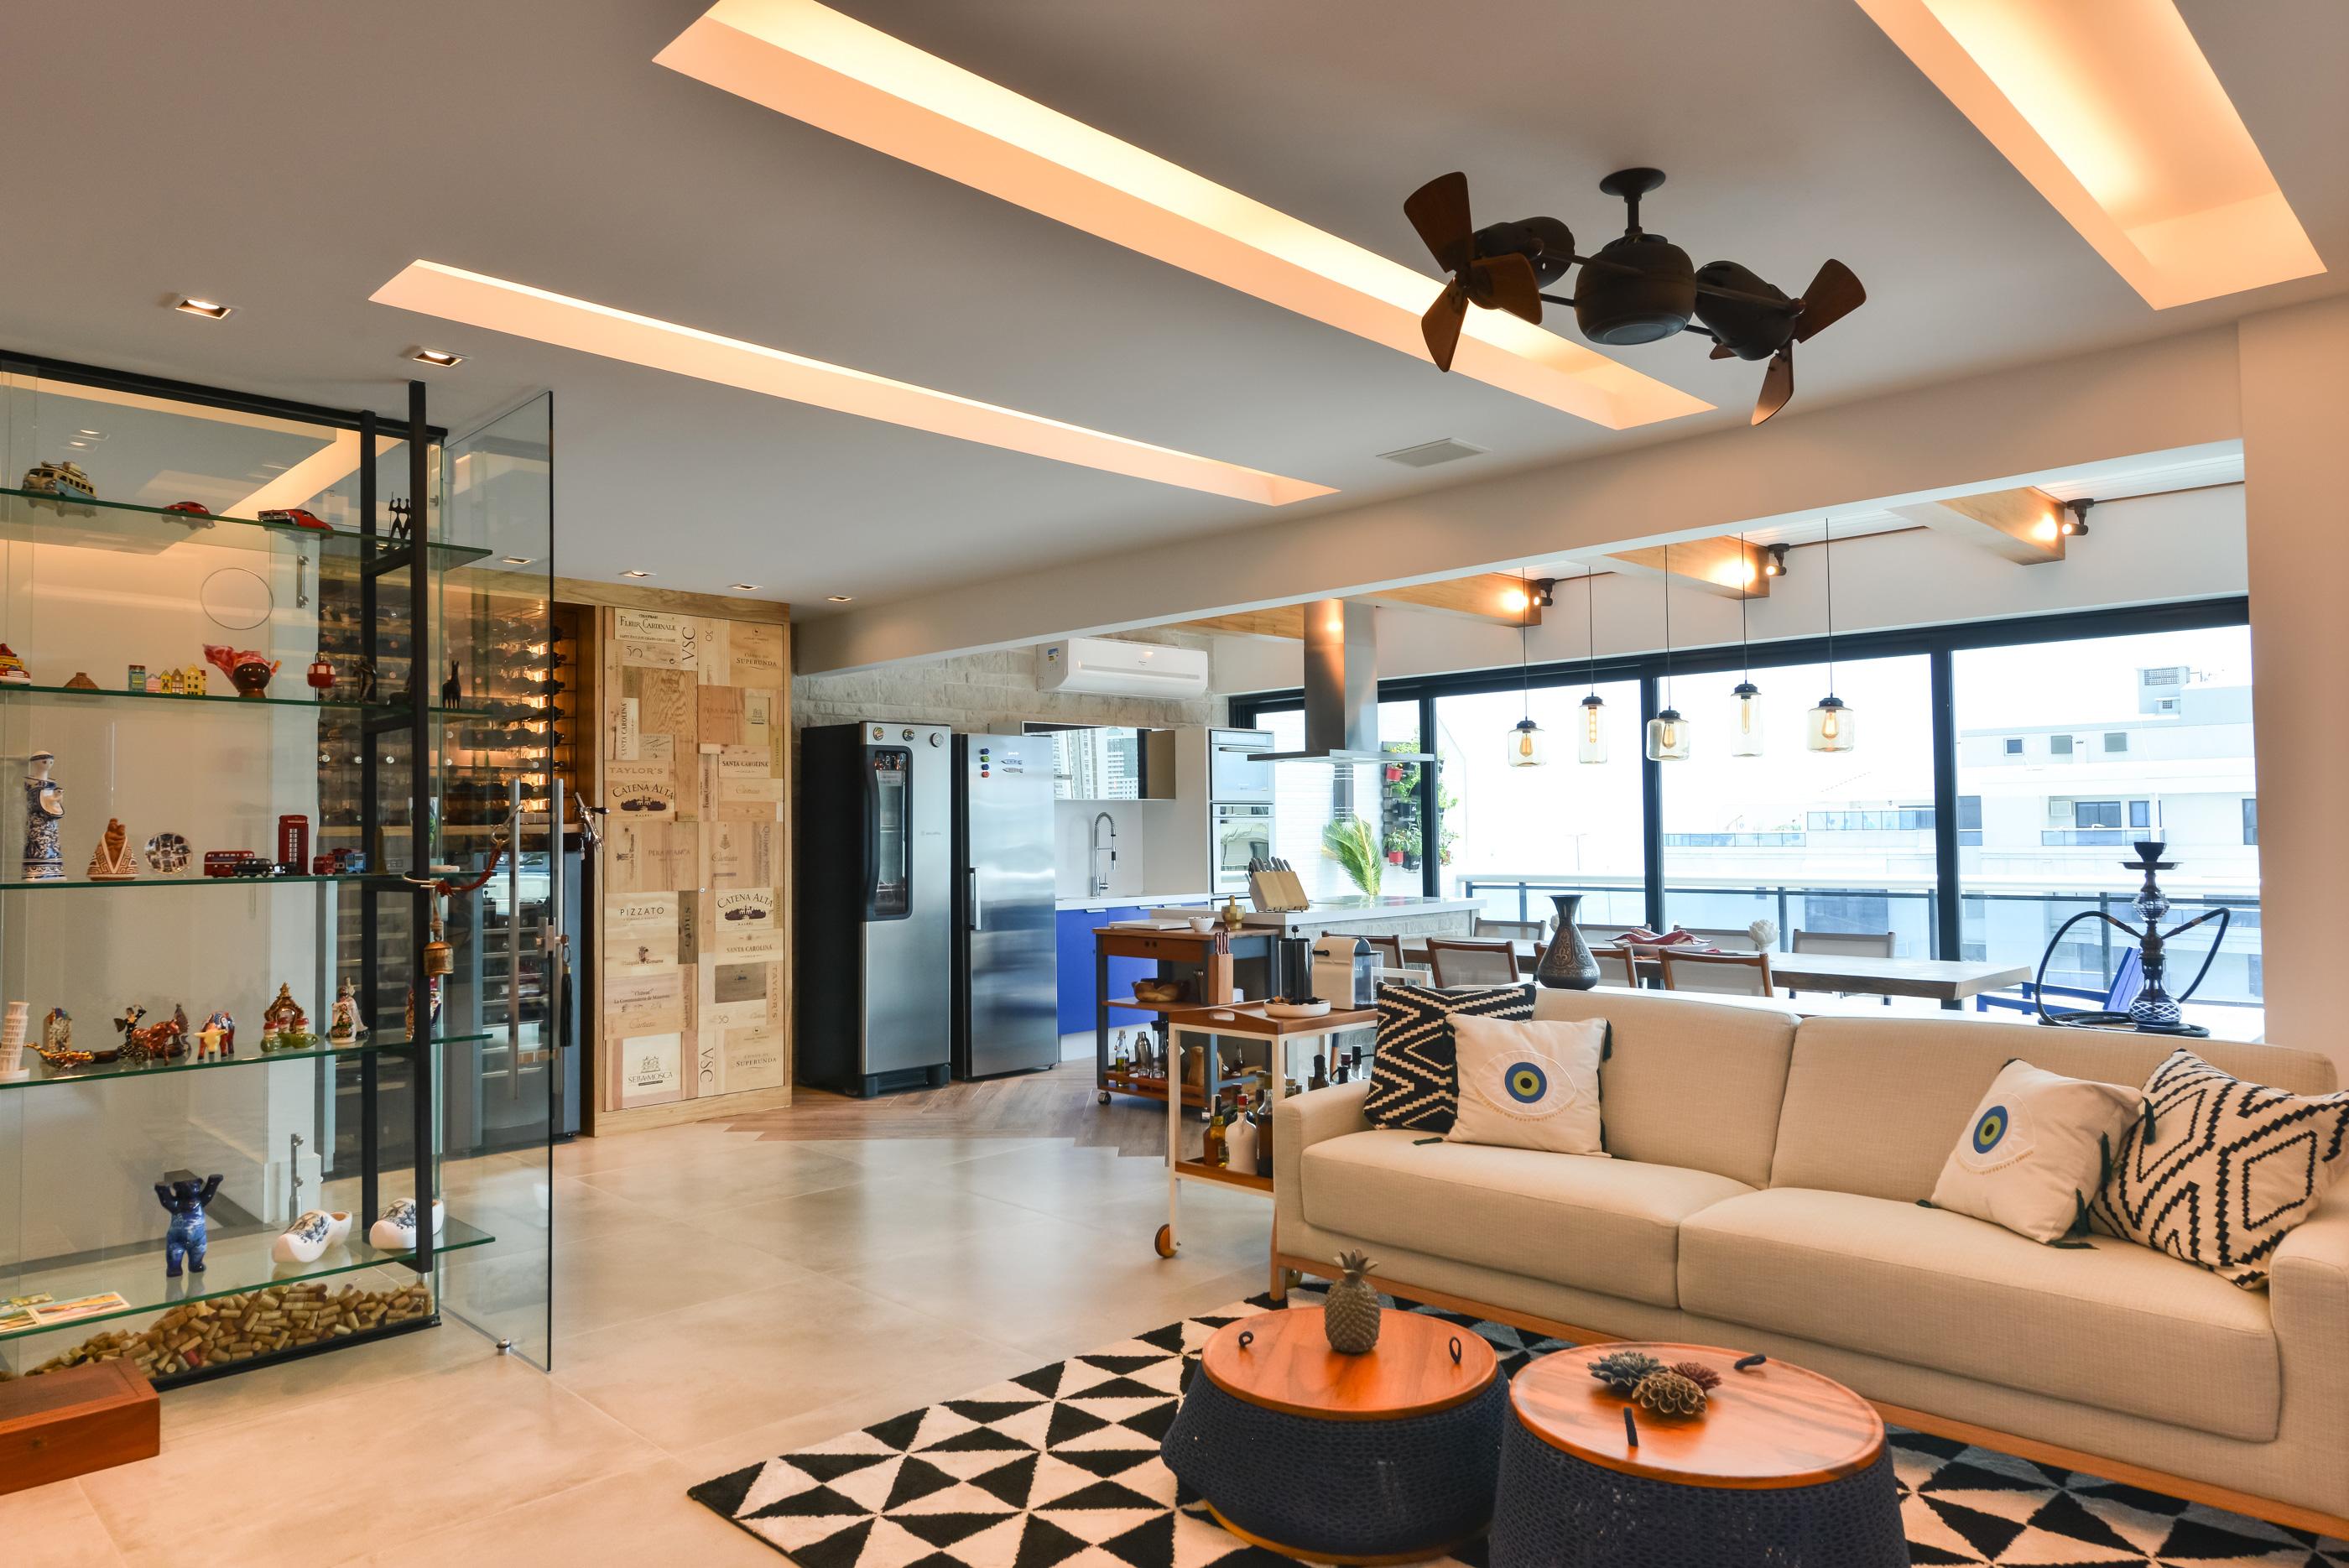 cobertura design de interiores rio de janeiro ale amado arquitetura (8)